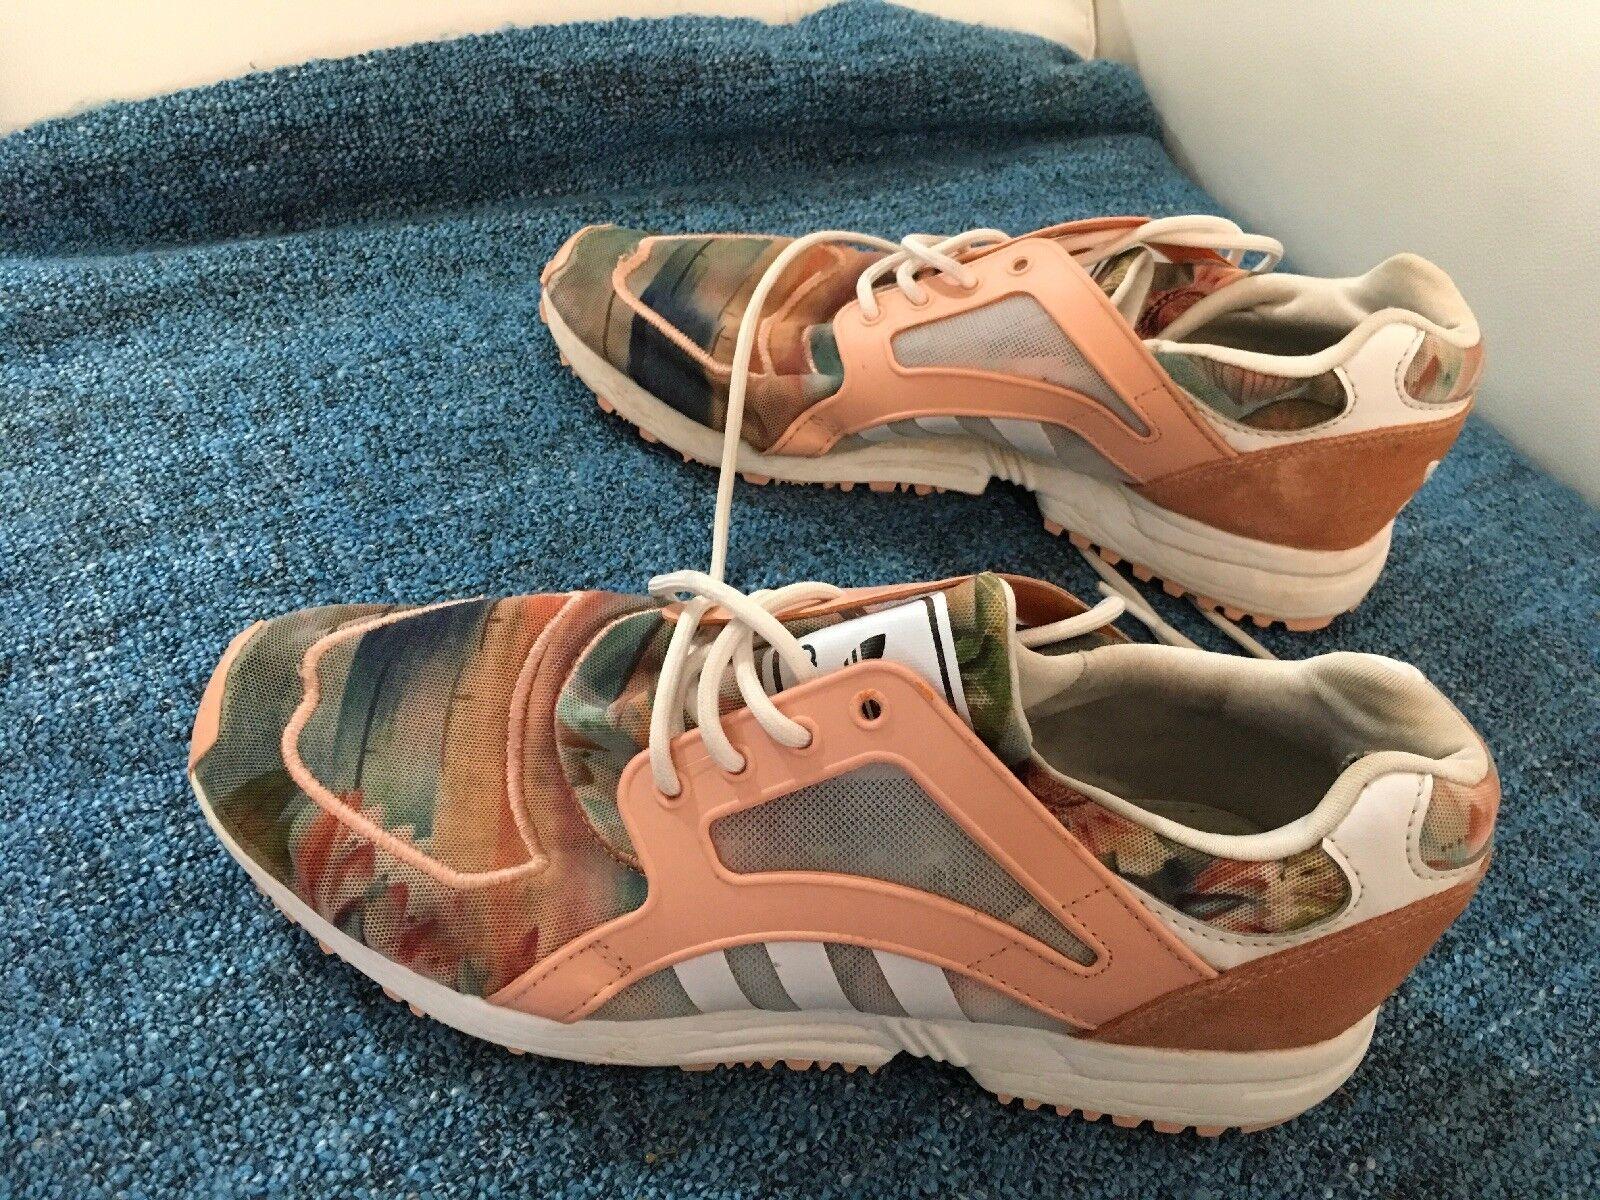 Adidas Trainers Size UK 7